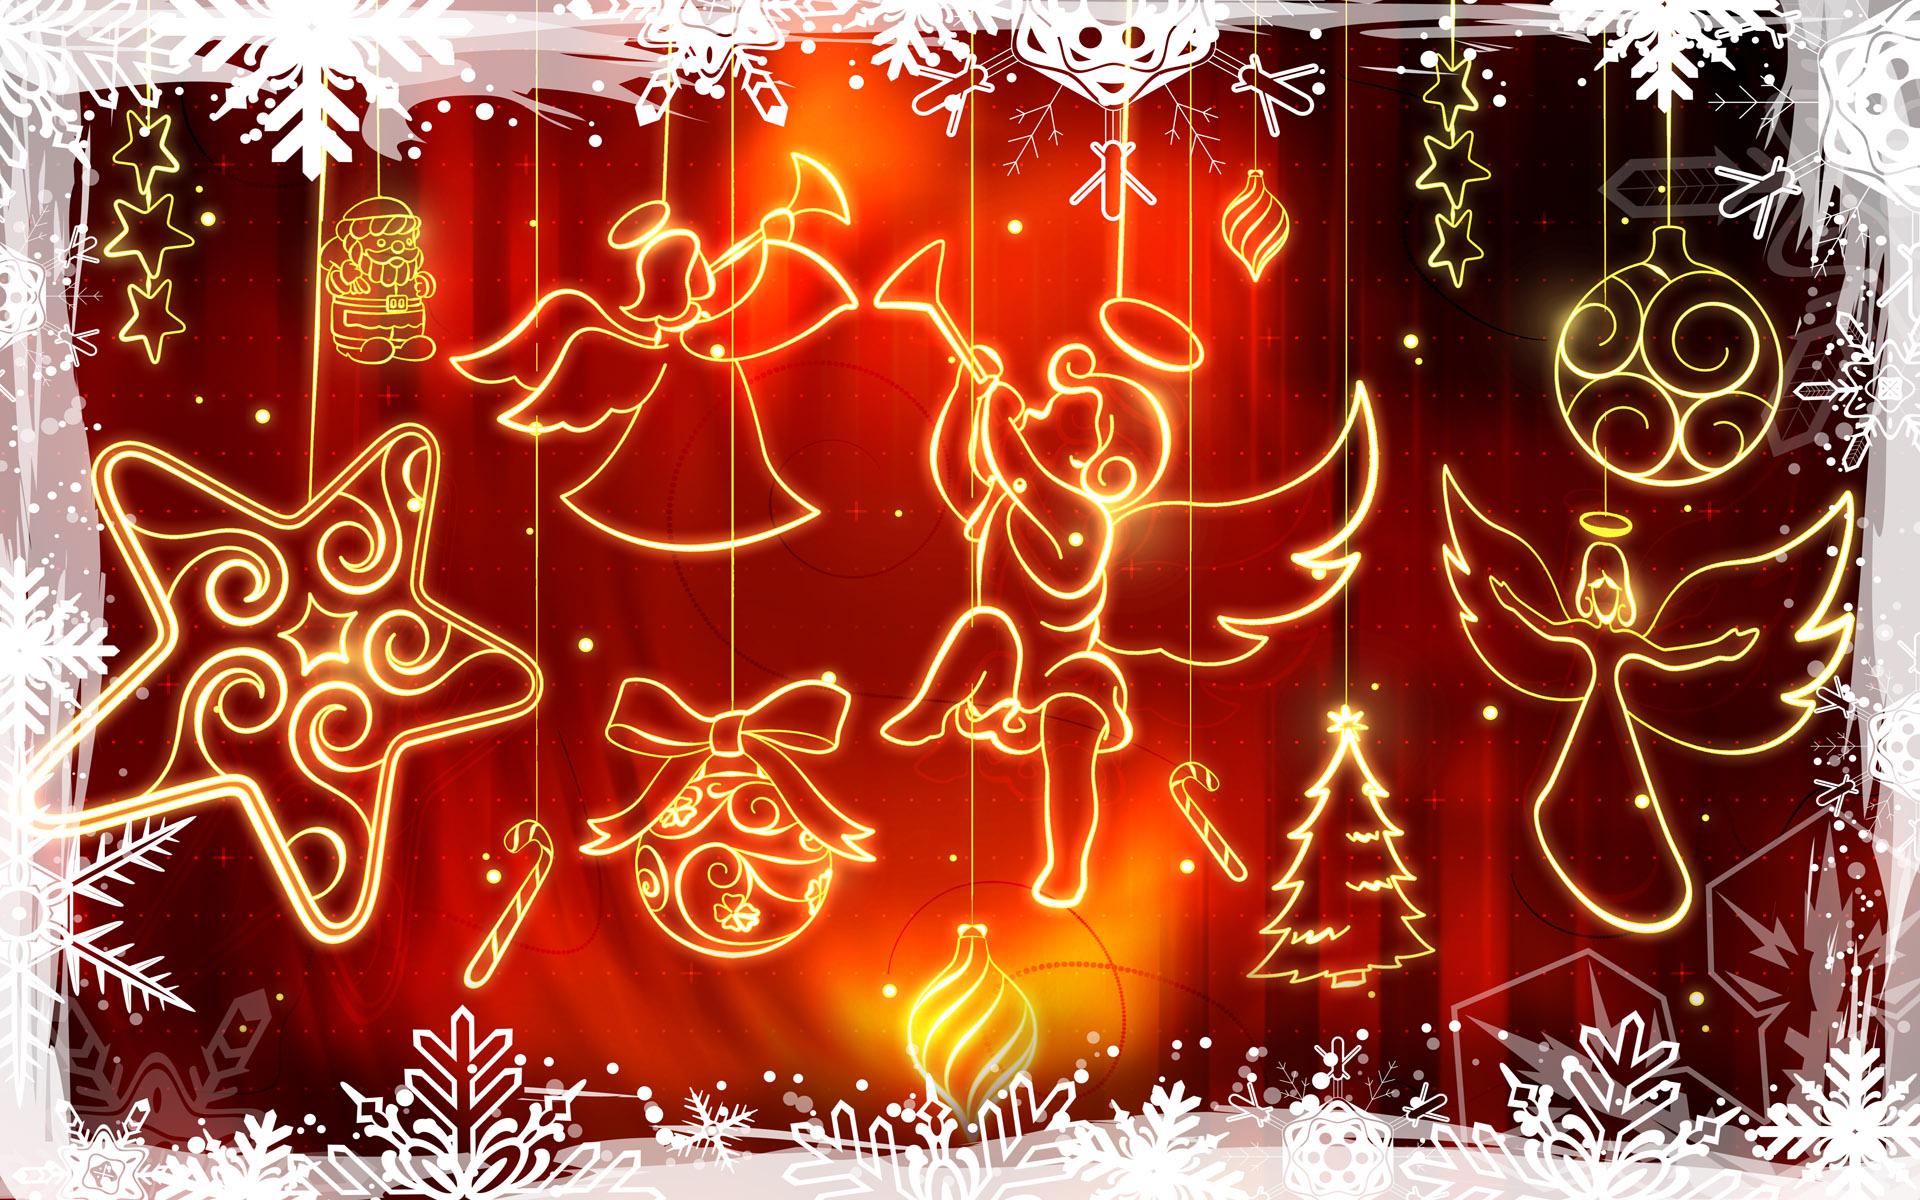 Siluetas de angelitos de navidad - 1920x1200